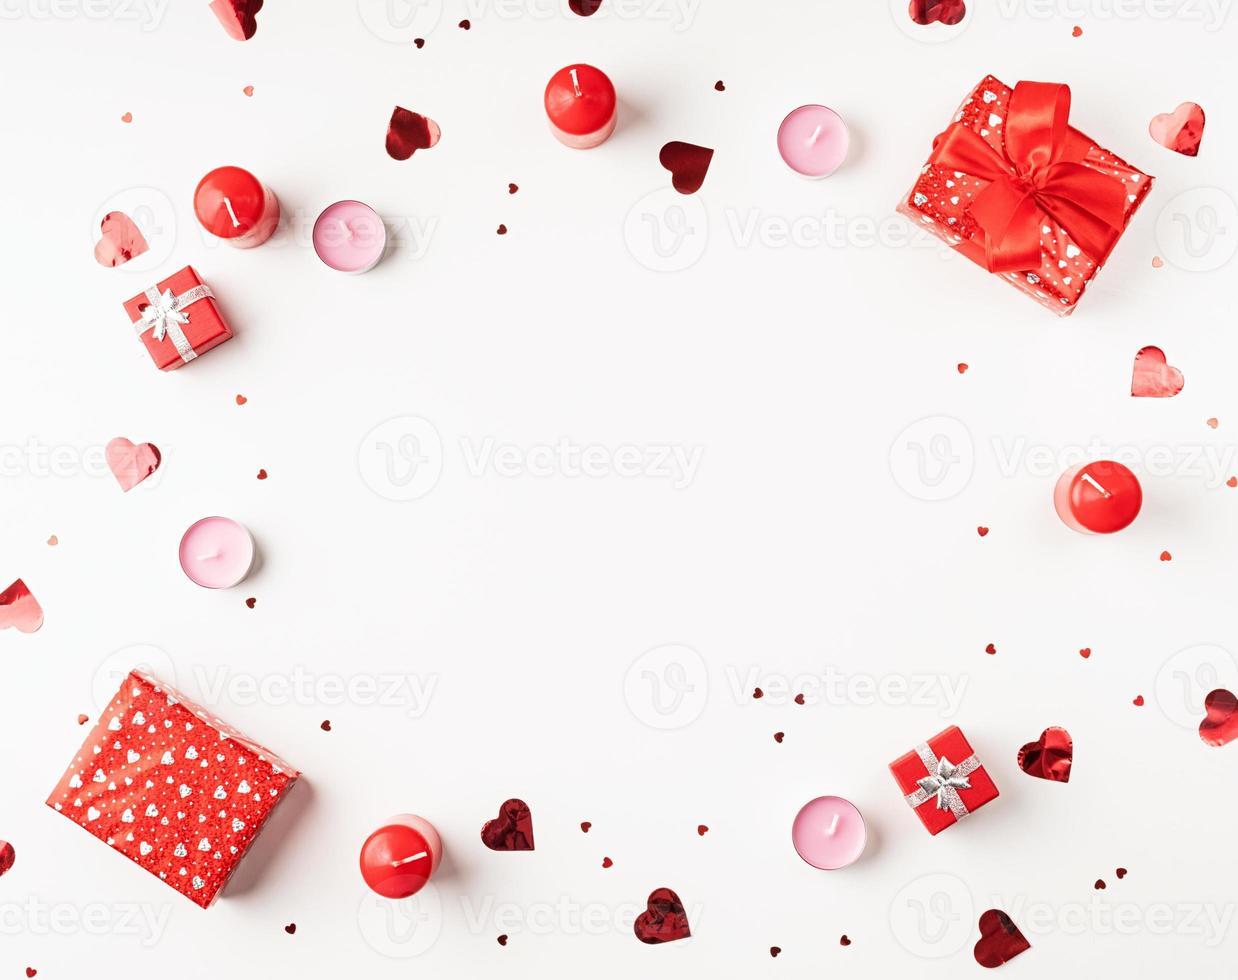 Fondo del día de San Valentín con velas, regalos, corazones y confeti. foto